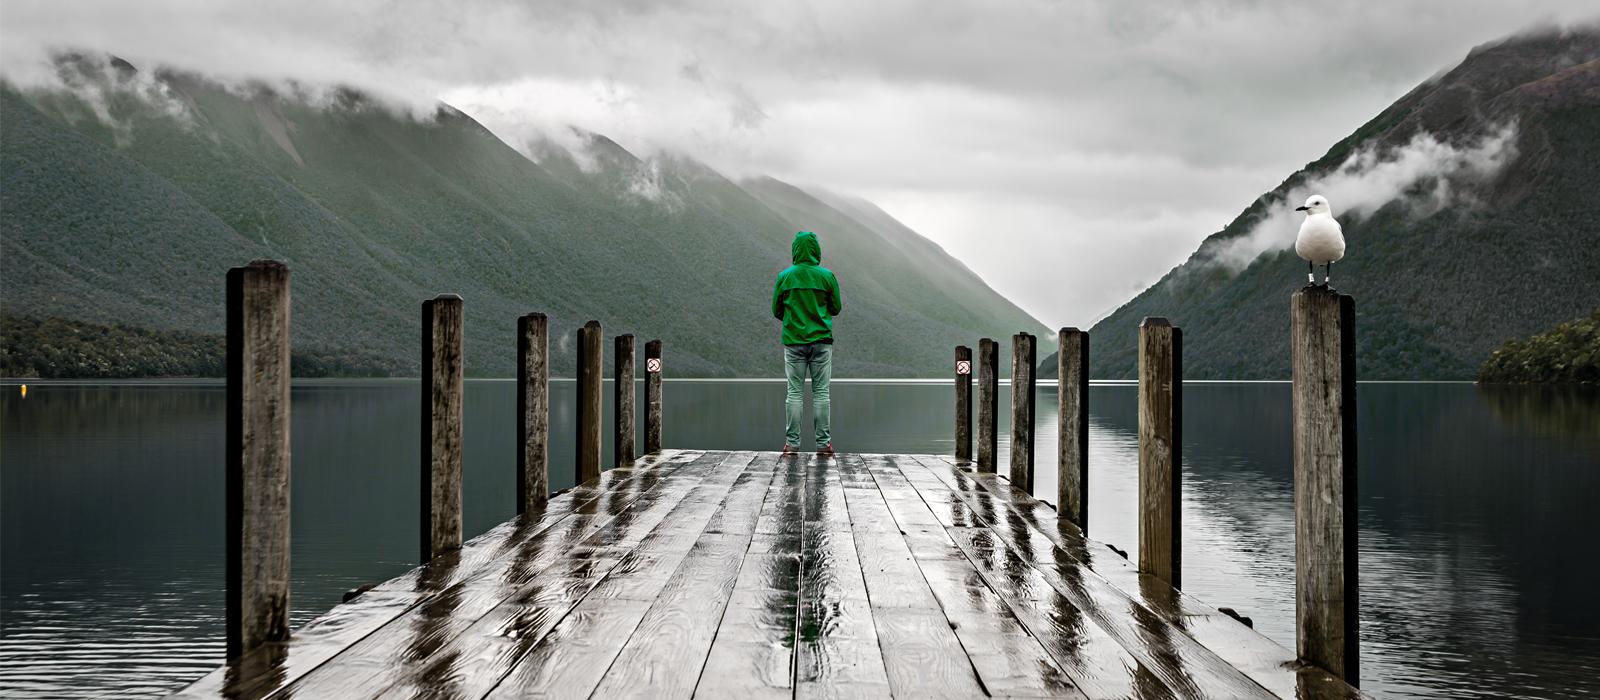 Me Versus Me: Fighting Self-Doubt